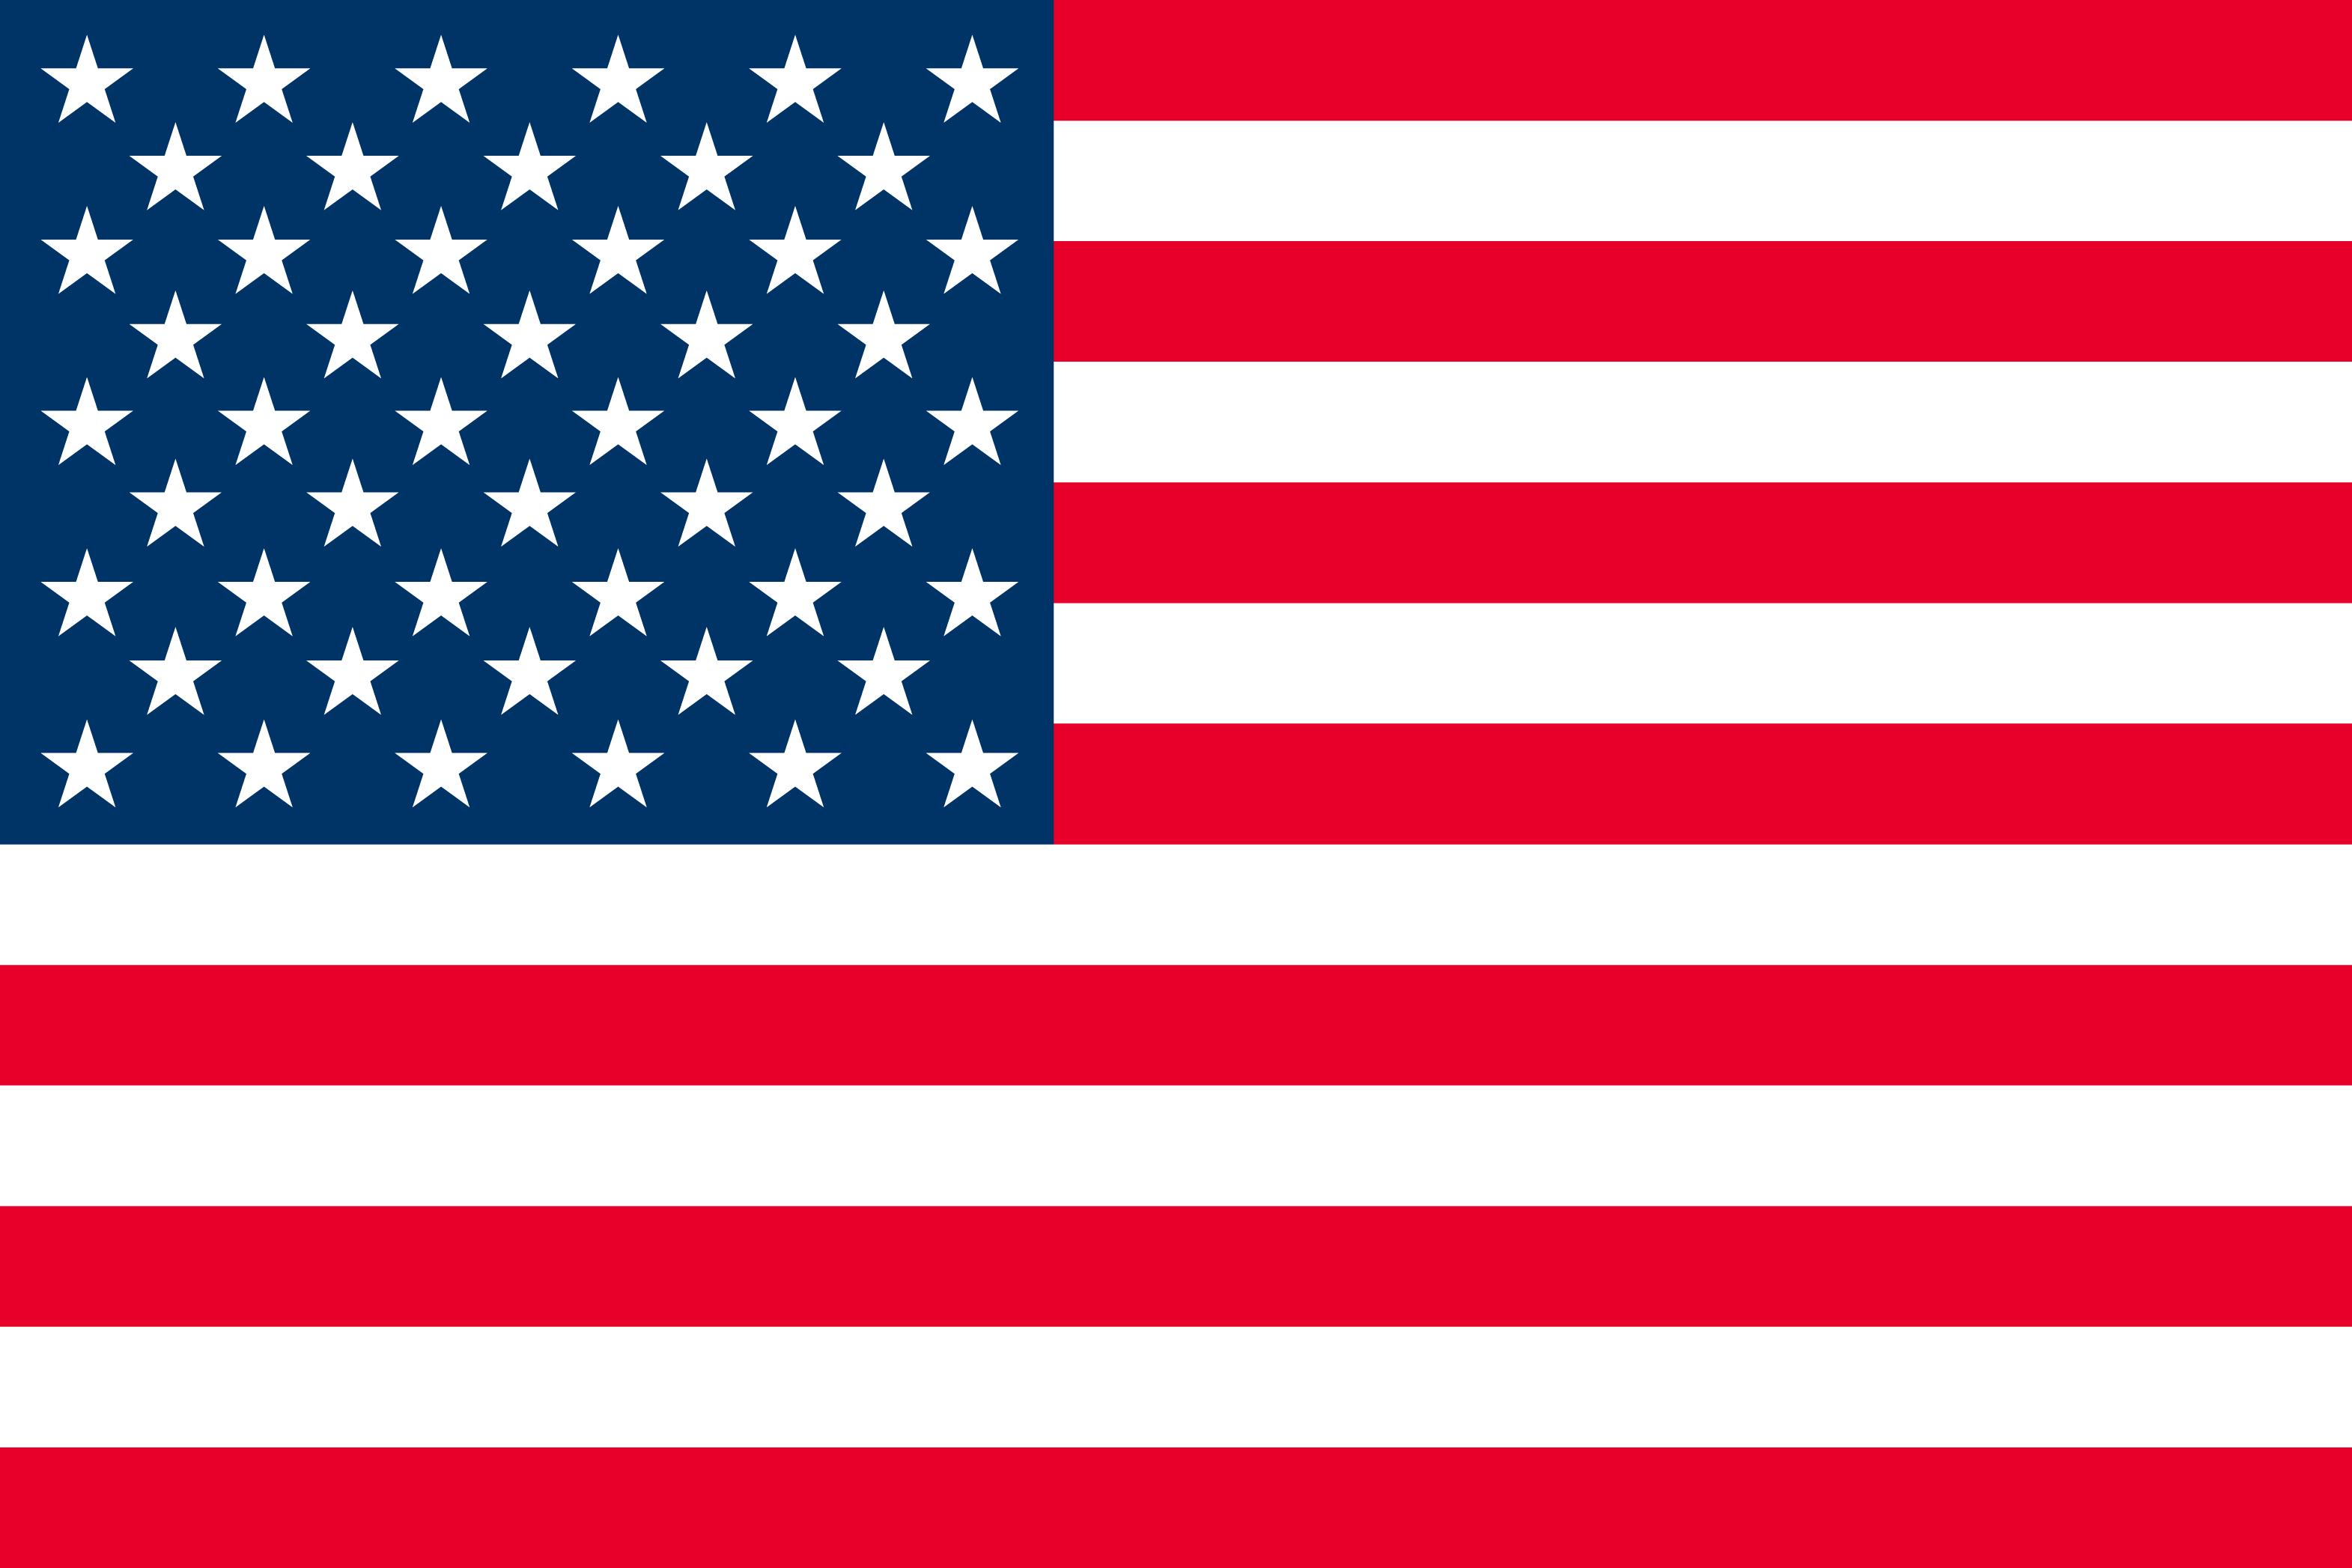 アメリカあるある